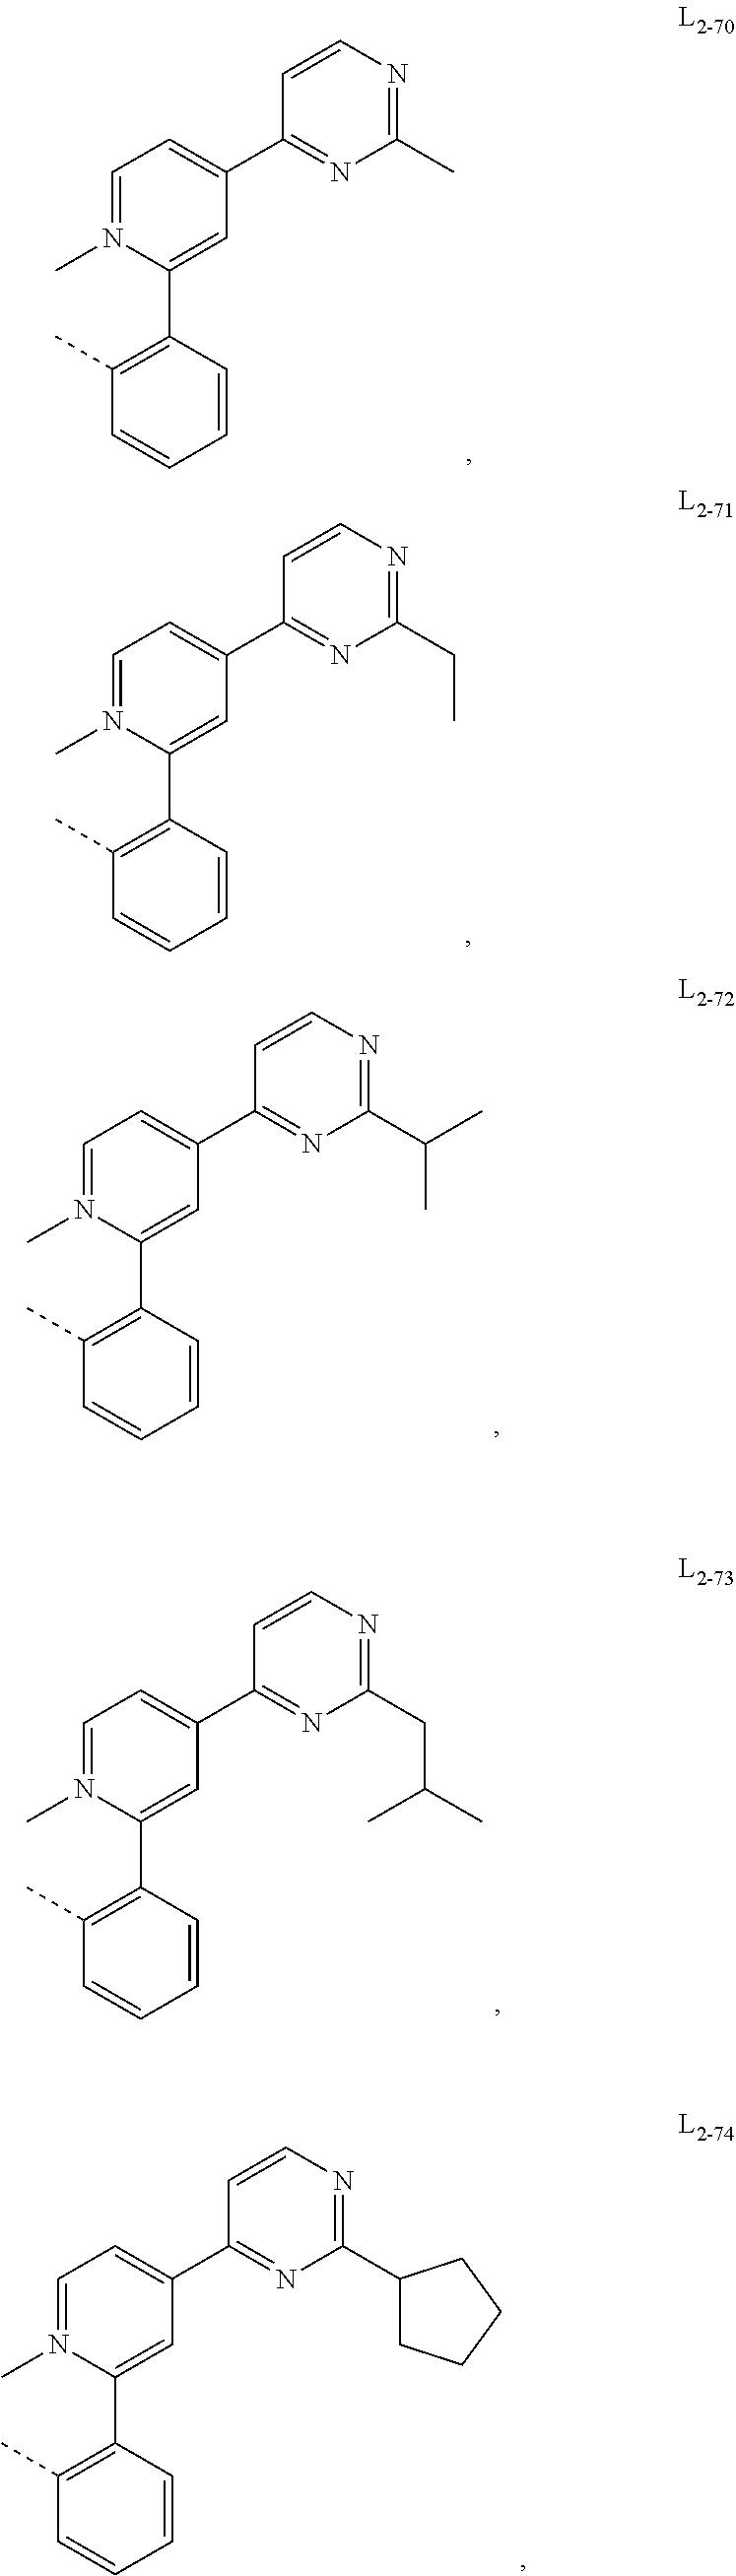 Figure US10074806-20180911-C00067